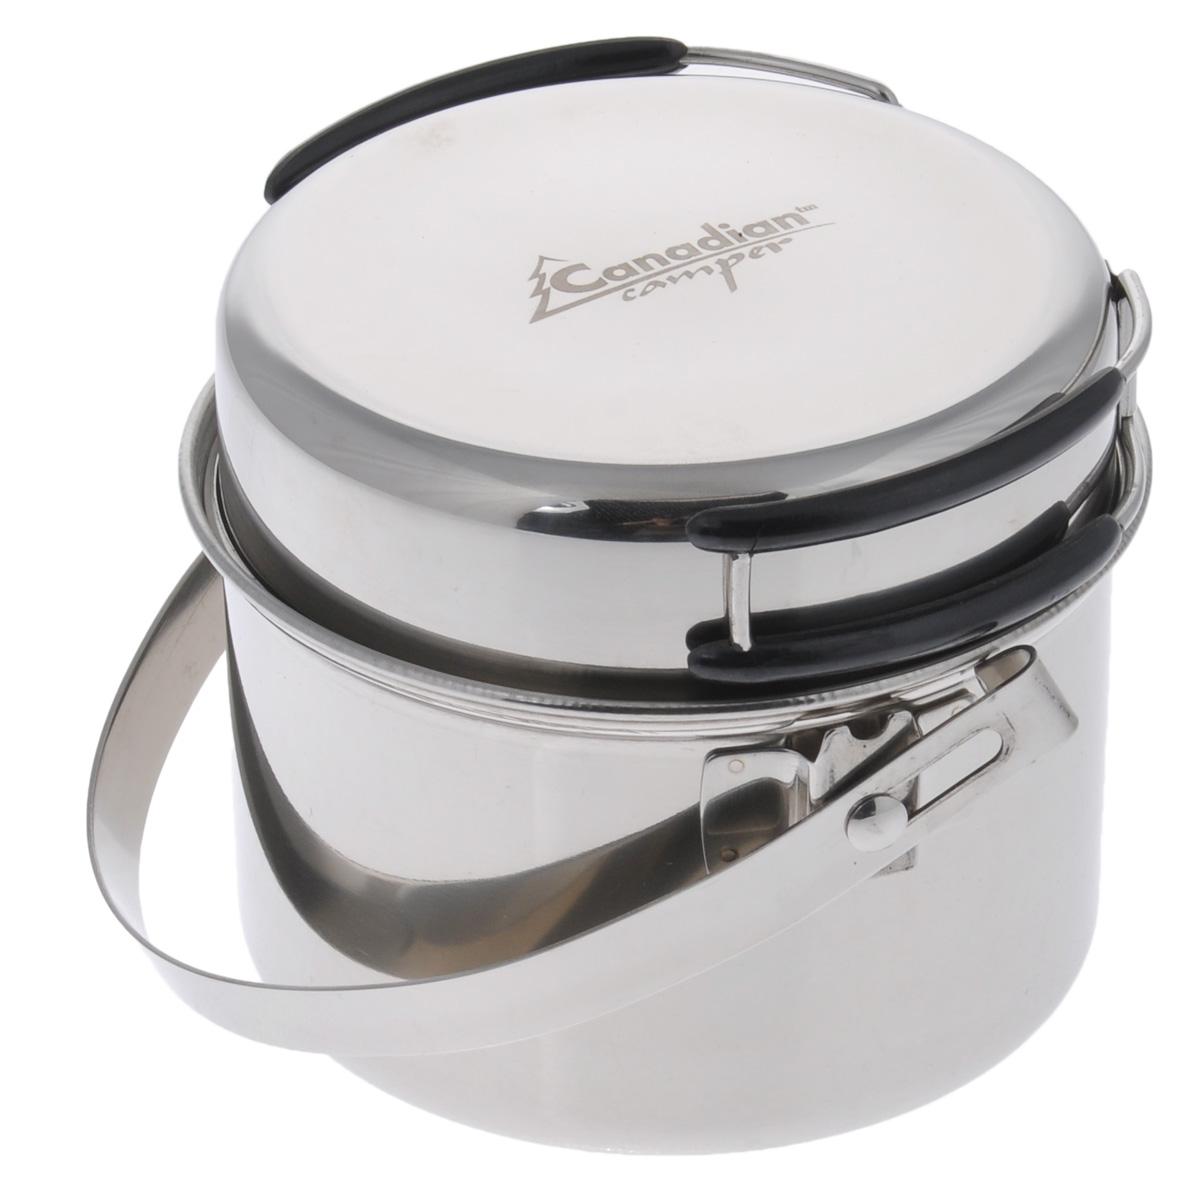 Набор посуды Canadian Camper CC-PF095, 2 предмета32100034В набор посуды Canadian Camper CC-PF095 входит котелок и сковорода. Предметы набора выполнены из высококачественной нержавеющей стали. Сковорода оснащена складными ручками, покрытыми теплоизоляционным материалом. Котелок также оснащен складной ручкой из нержавеющей стали. Сковороду можно использовать как крышку для котелка. В комплекте сетчатая сумка для переноски и хранения. Диаметр сковороды: 12,7 см. Высота сковороды: 3,6 см. Диаметр котелка: 13,1 см. Объем котелка: 0,95 л. Высота котелка: 8 см.